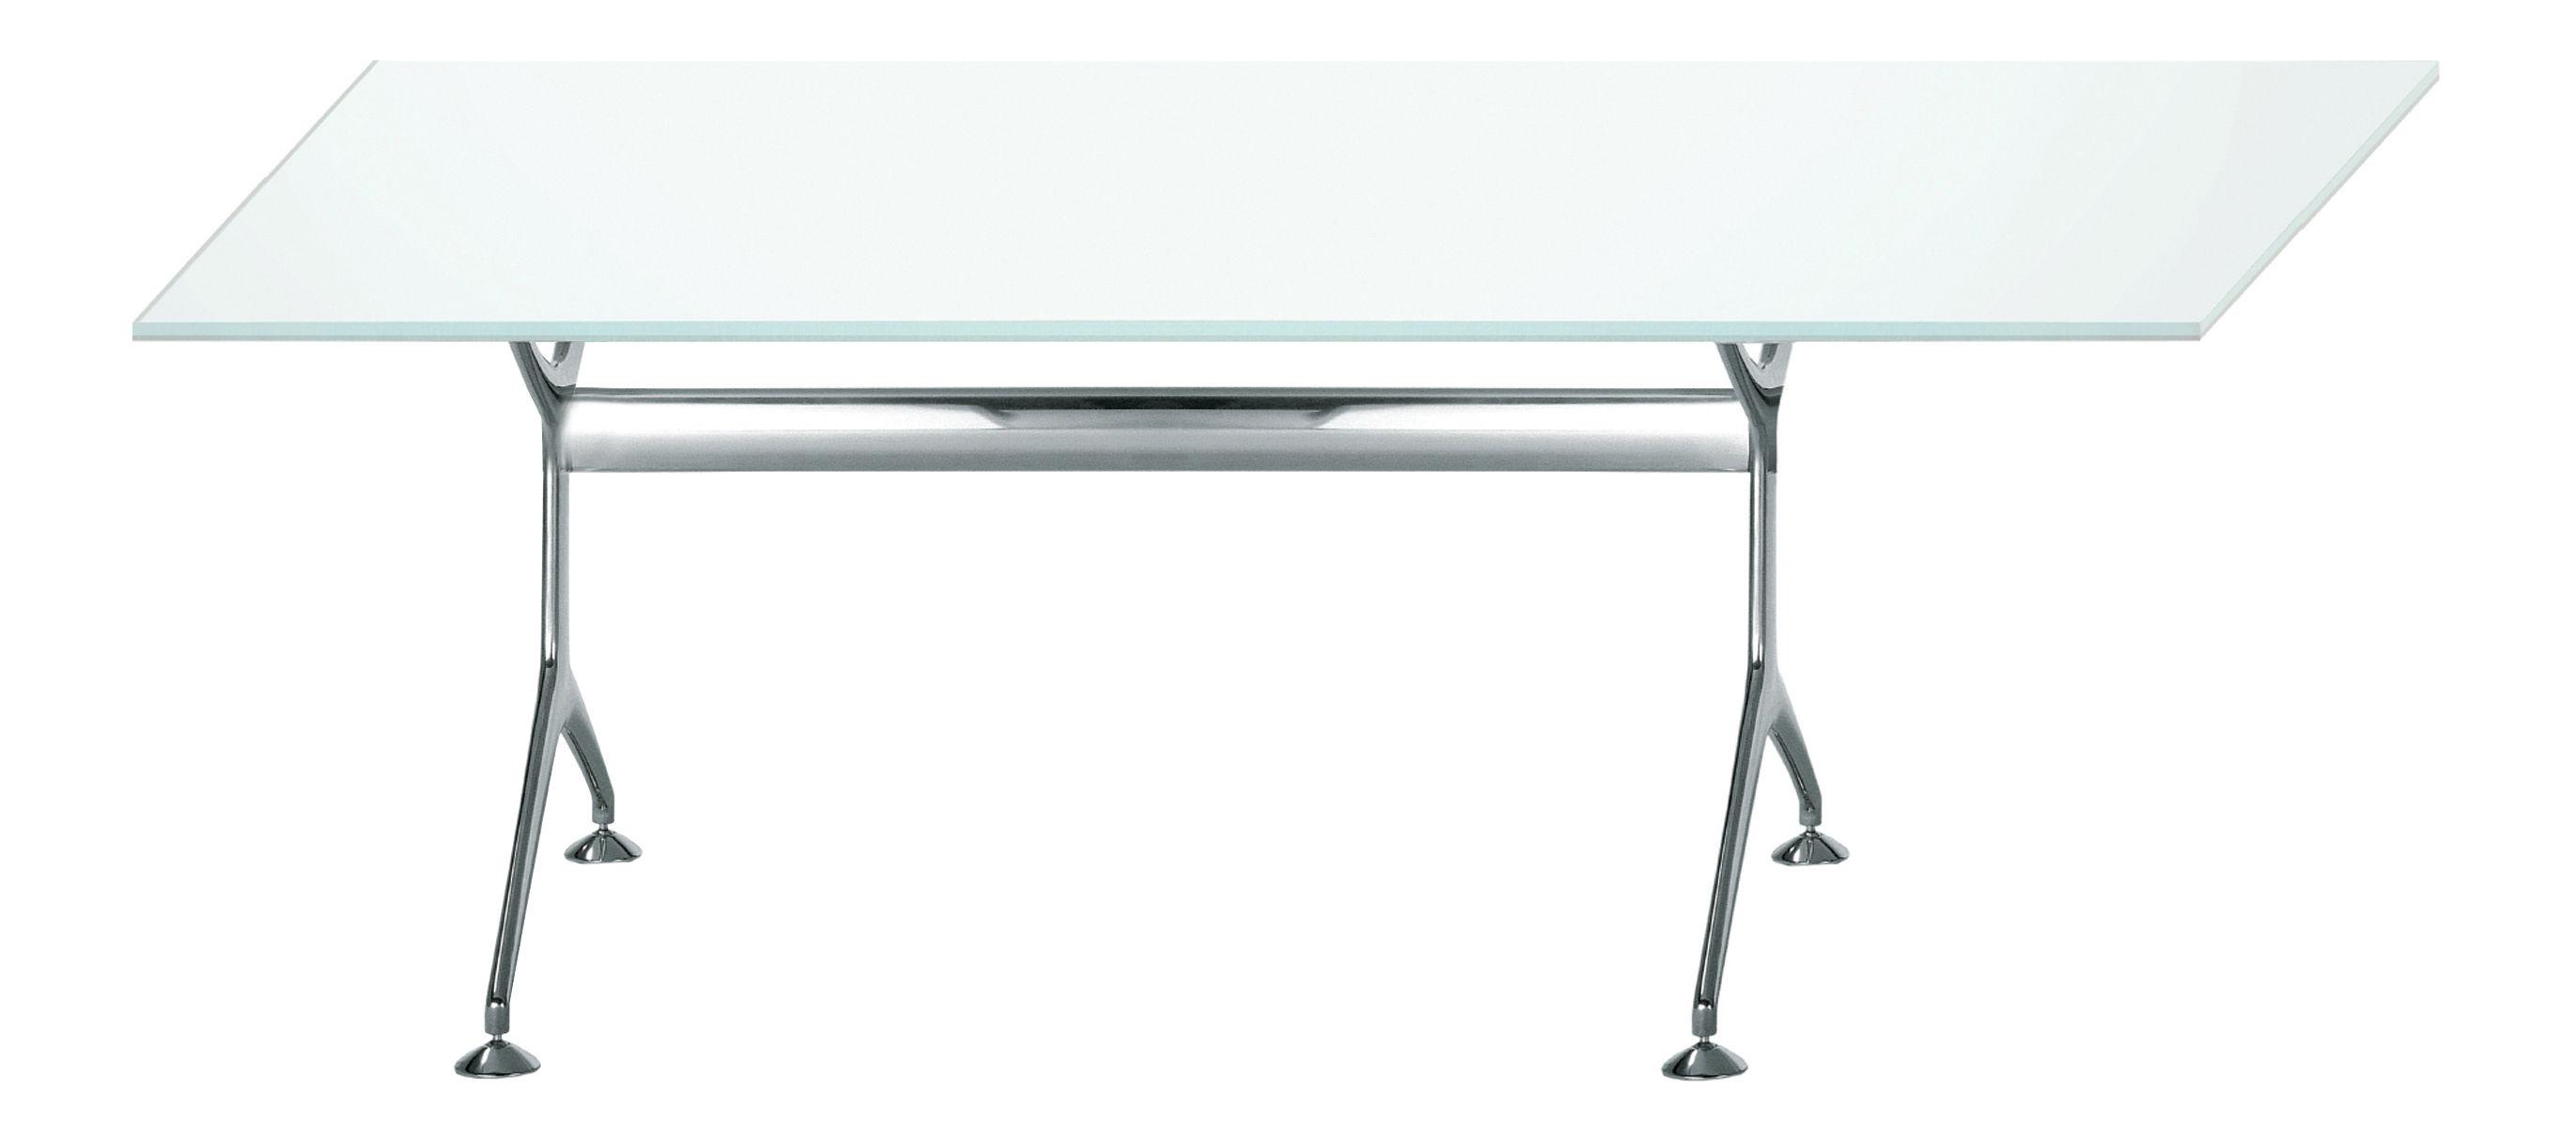 Mobilier - Bureaux - Table rectangulaire Frametable / 190 x 85 cm - Alias - Structure en aluminium poli / plateau en verre double face blanc - Aluminium poli, Verre